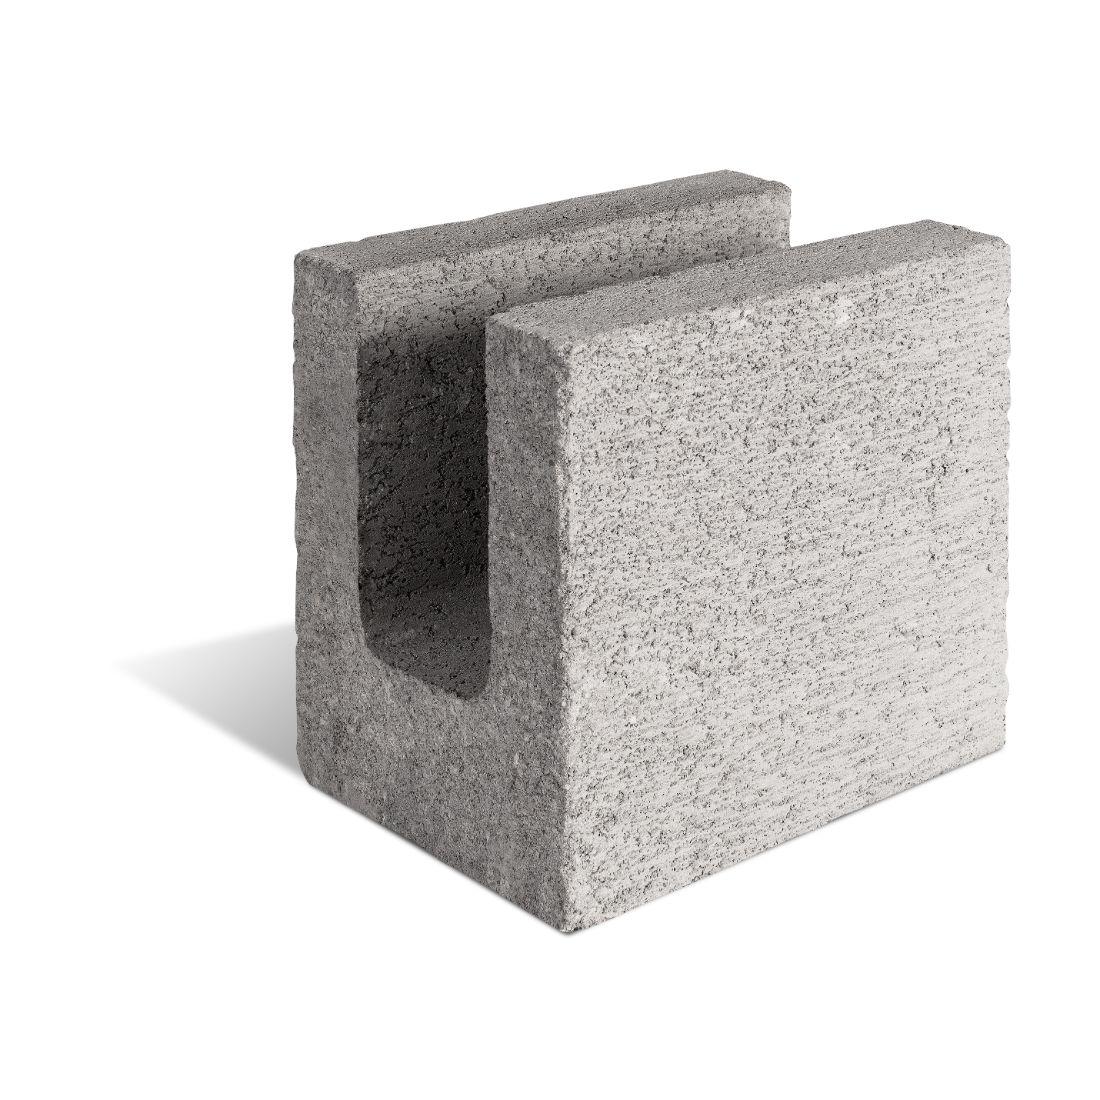 Lintel Block 15 Series 15.12 390 x 140 x 190mm